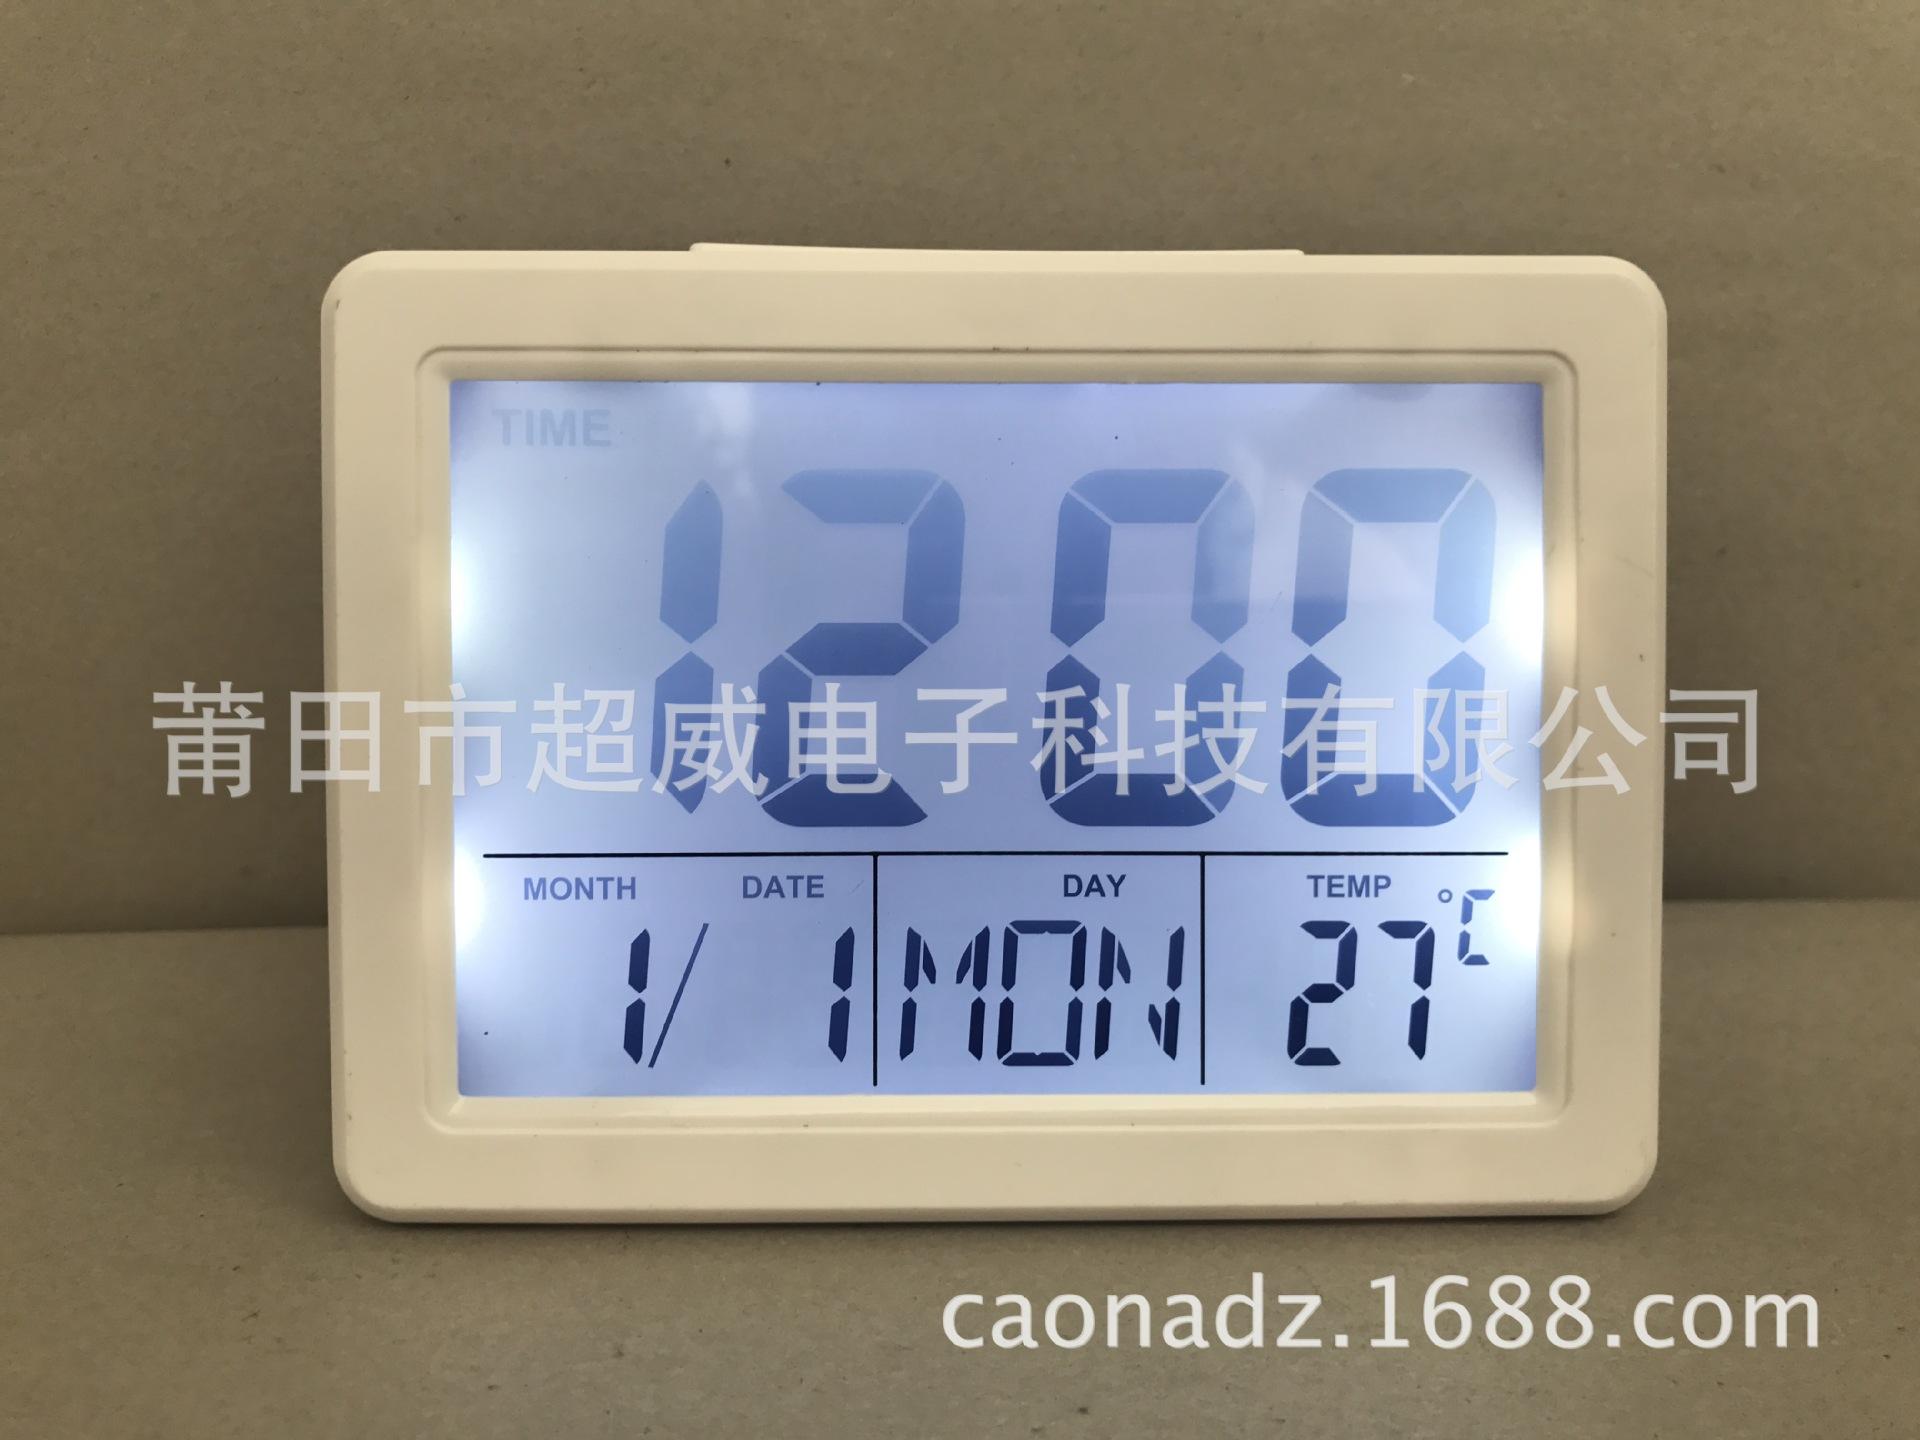 彩色電子鐘 時尚鬧鐘 多功能聲控鐘 廠家直供 DS-2619